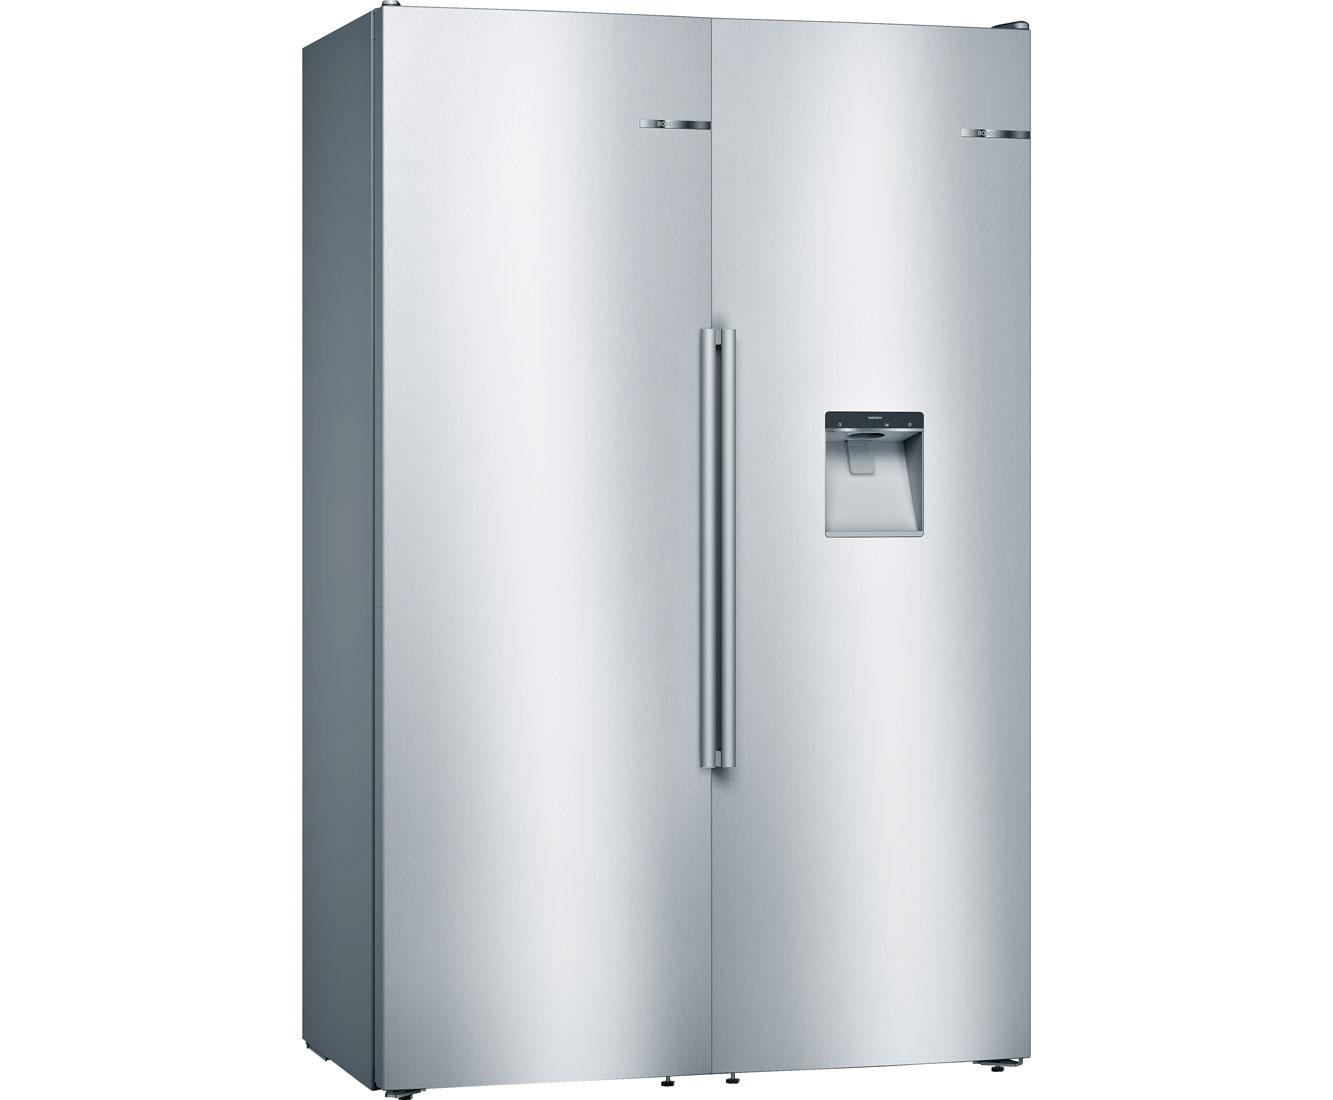 Kühlschrank Wasserleitung : Samsung kühlschrank wasserleitung anschließen: bosch wasserschlauch